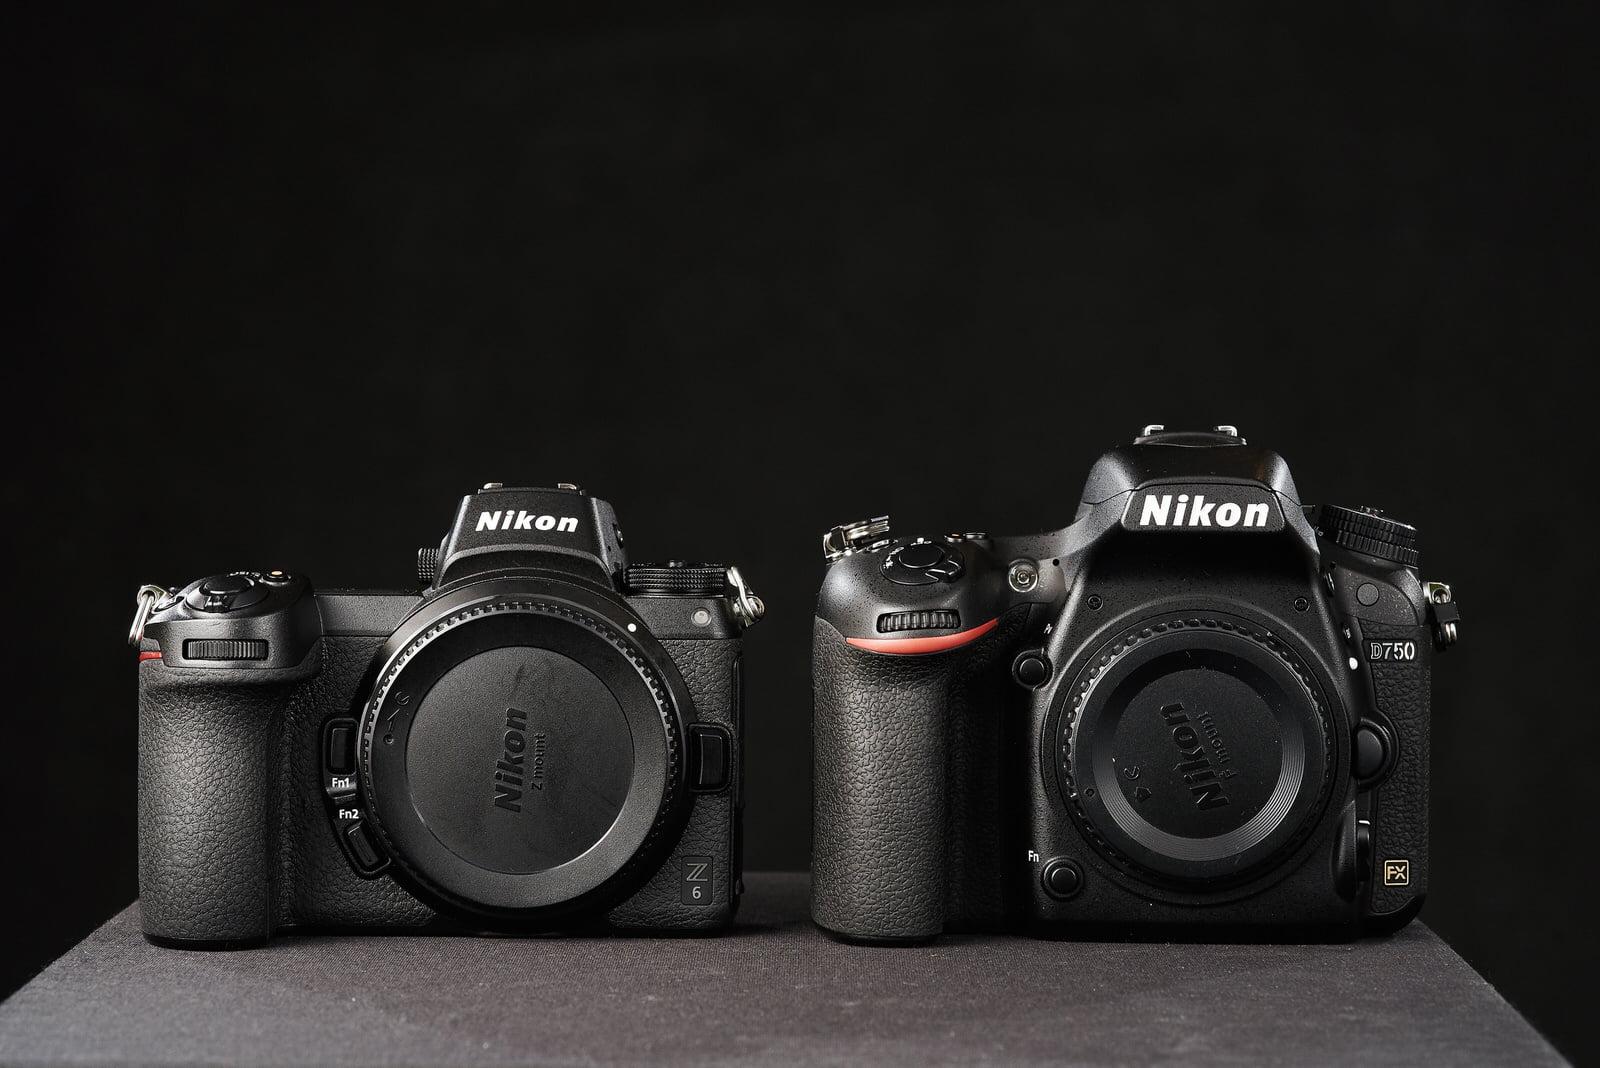 Recenzja Nikon Z6 w fotografii ślubnej | Porównanie do Nikona D750 20